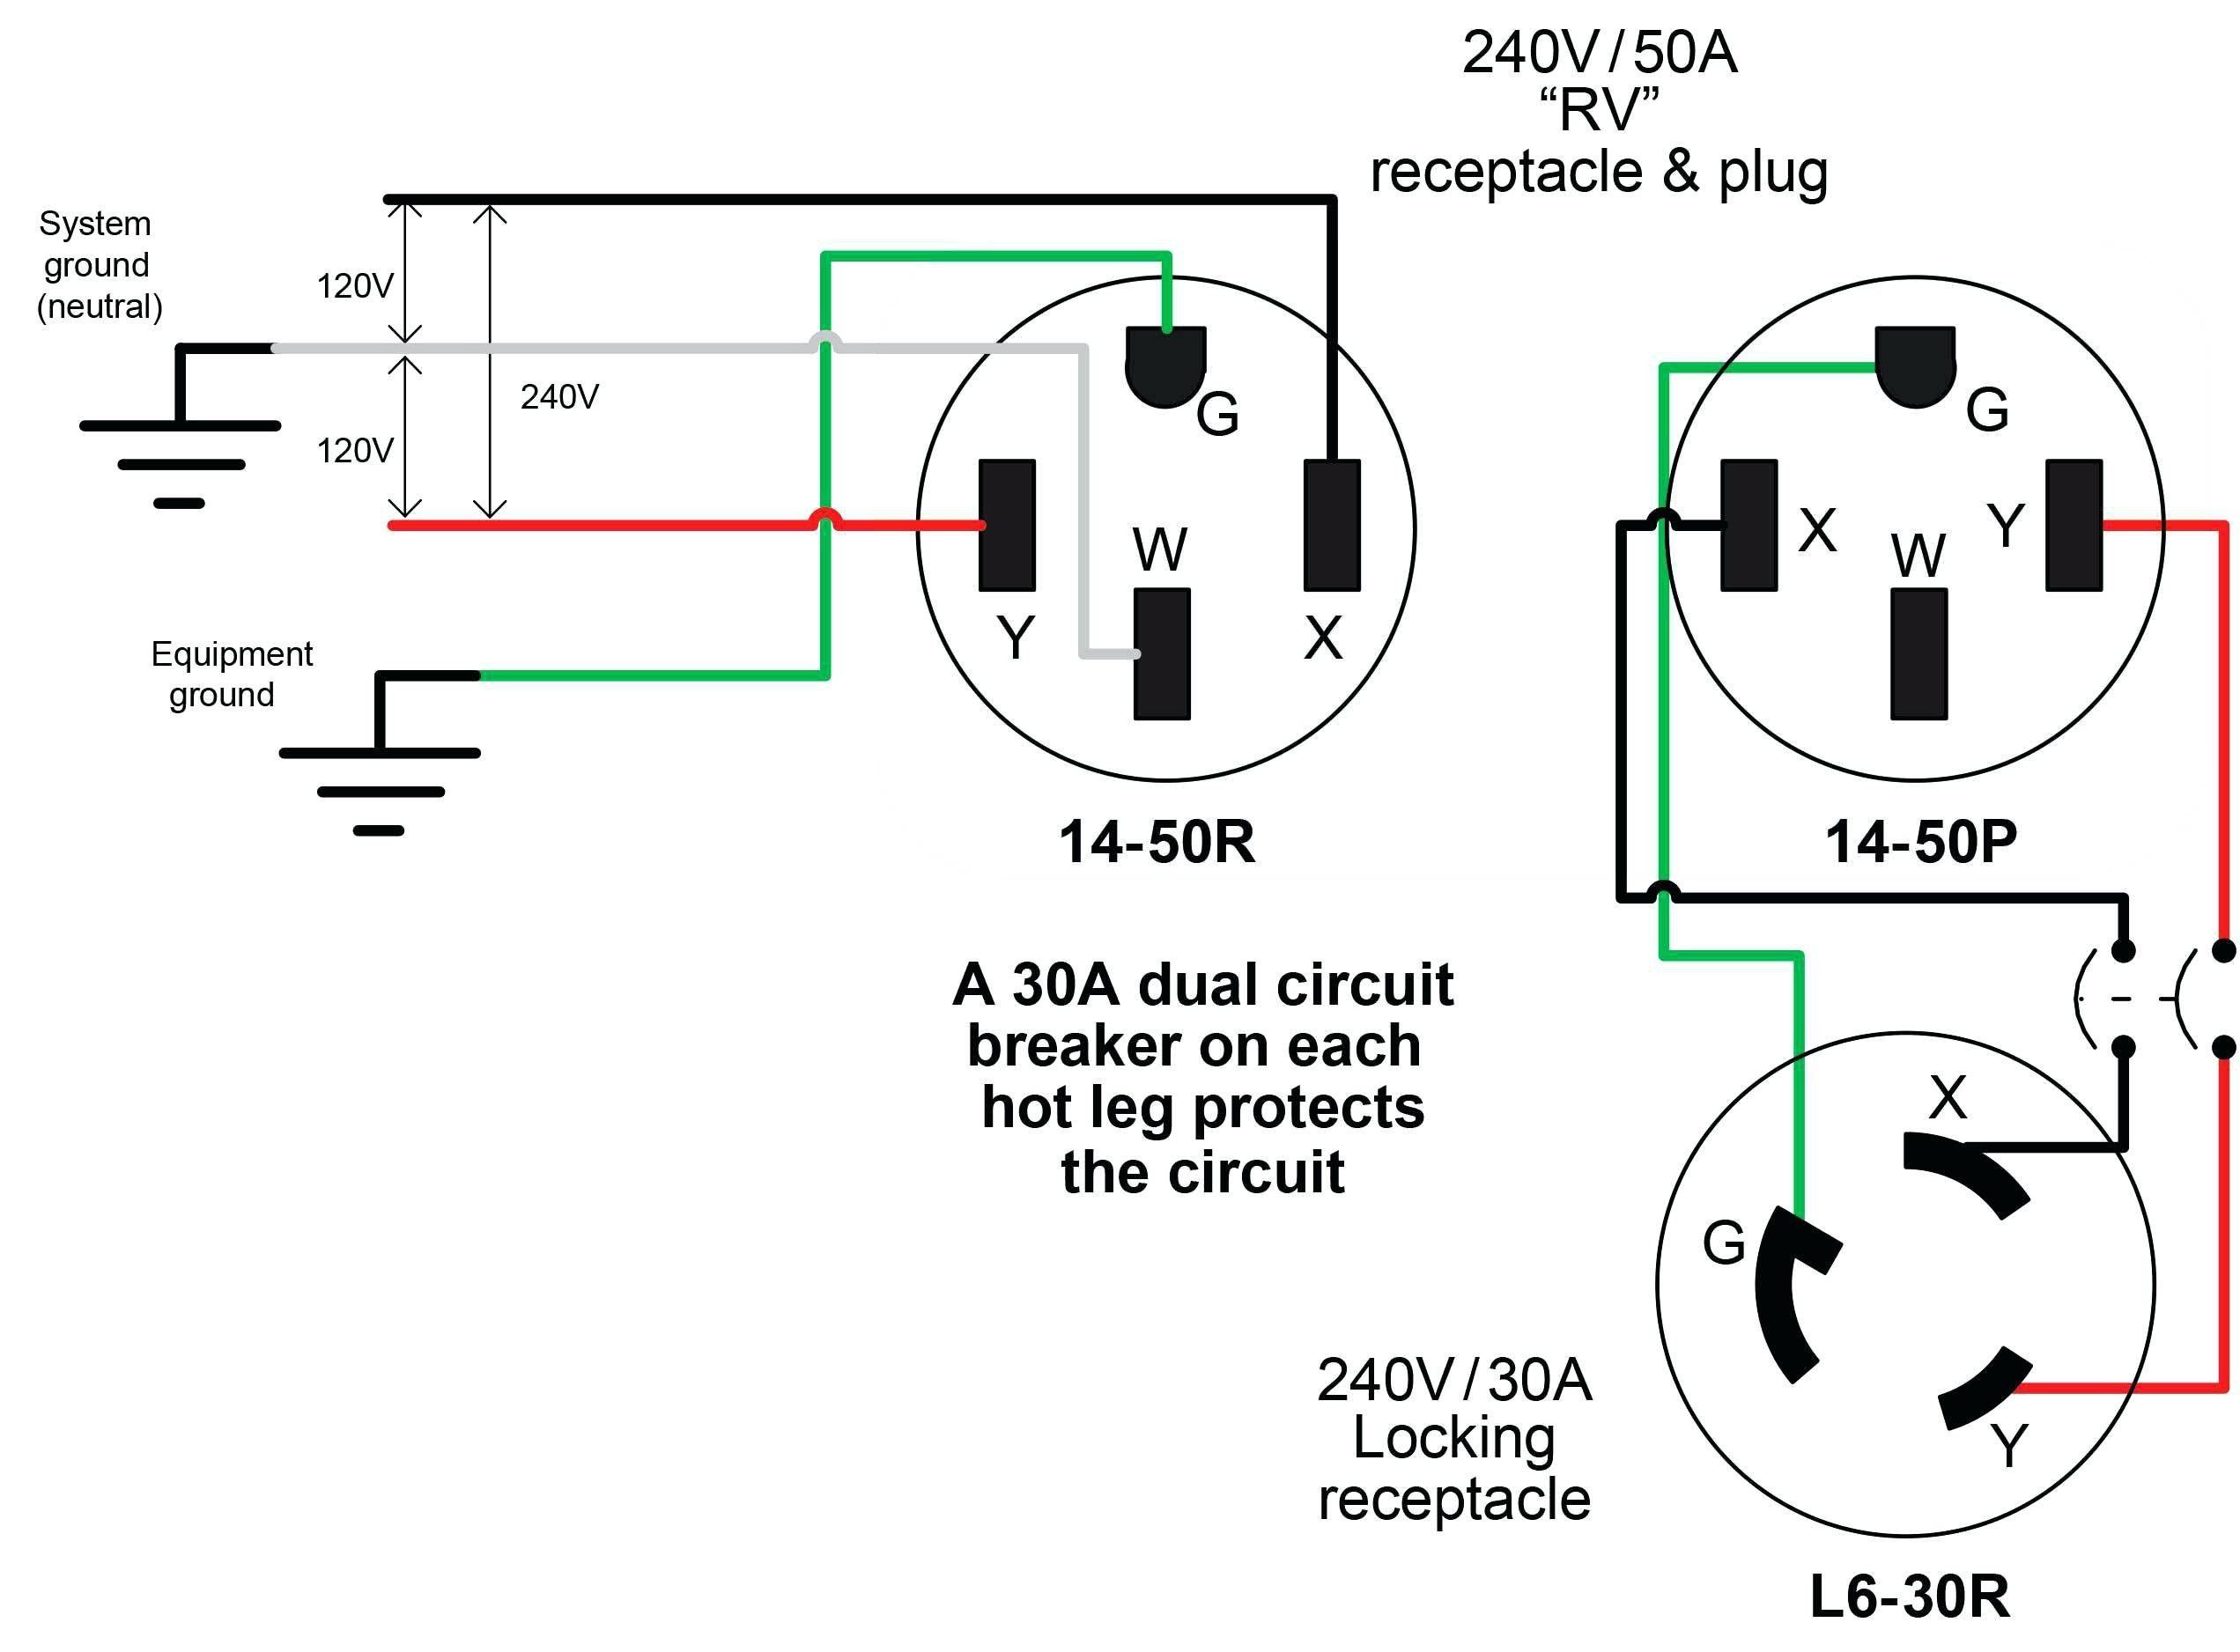 Wiring Diagram For Car Plug Diagram Diagramtemplate Diagramsample Imagenes De Electricidad Diagrama De Instalacion Electrica Electricidad Industrial